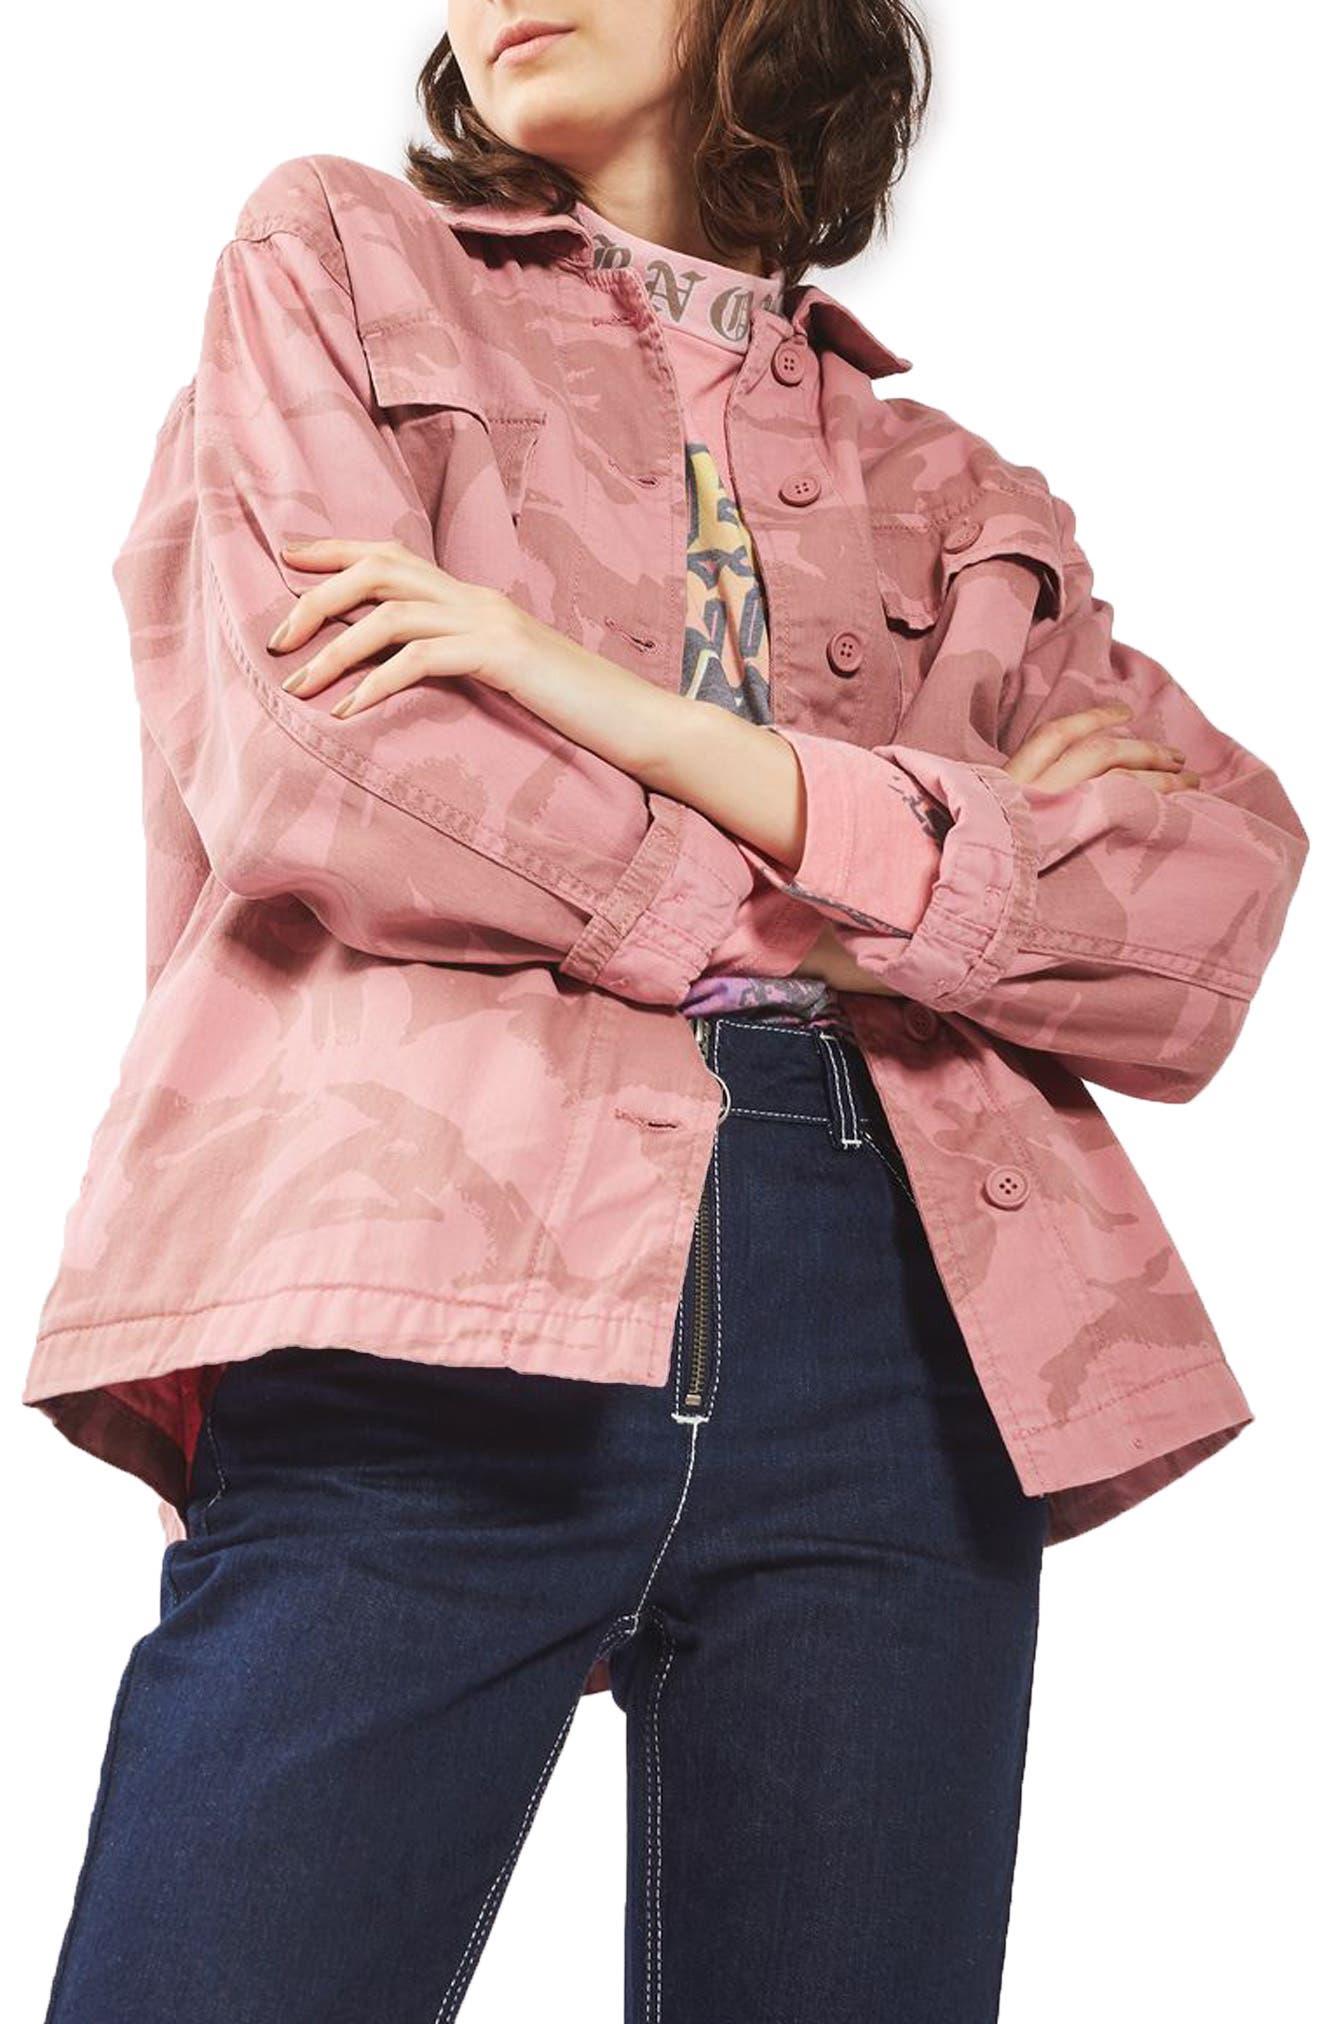 Topshop Camo Army Jacket